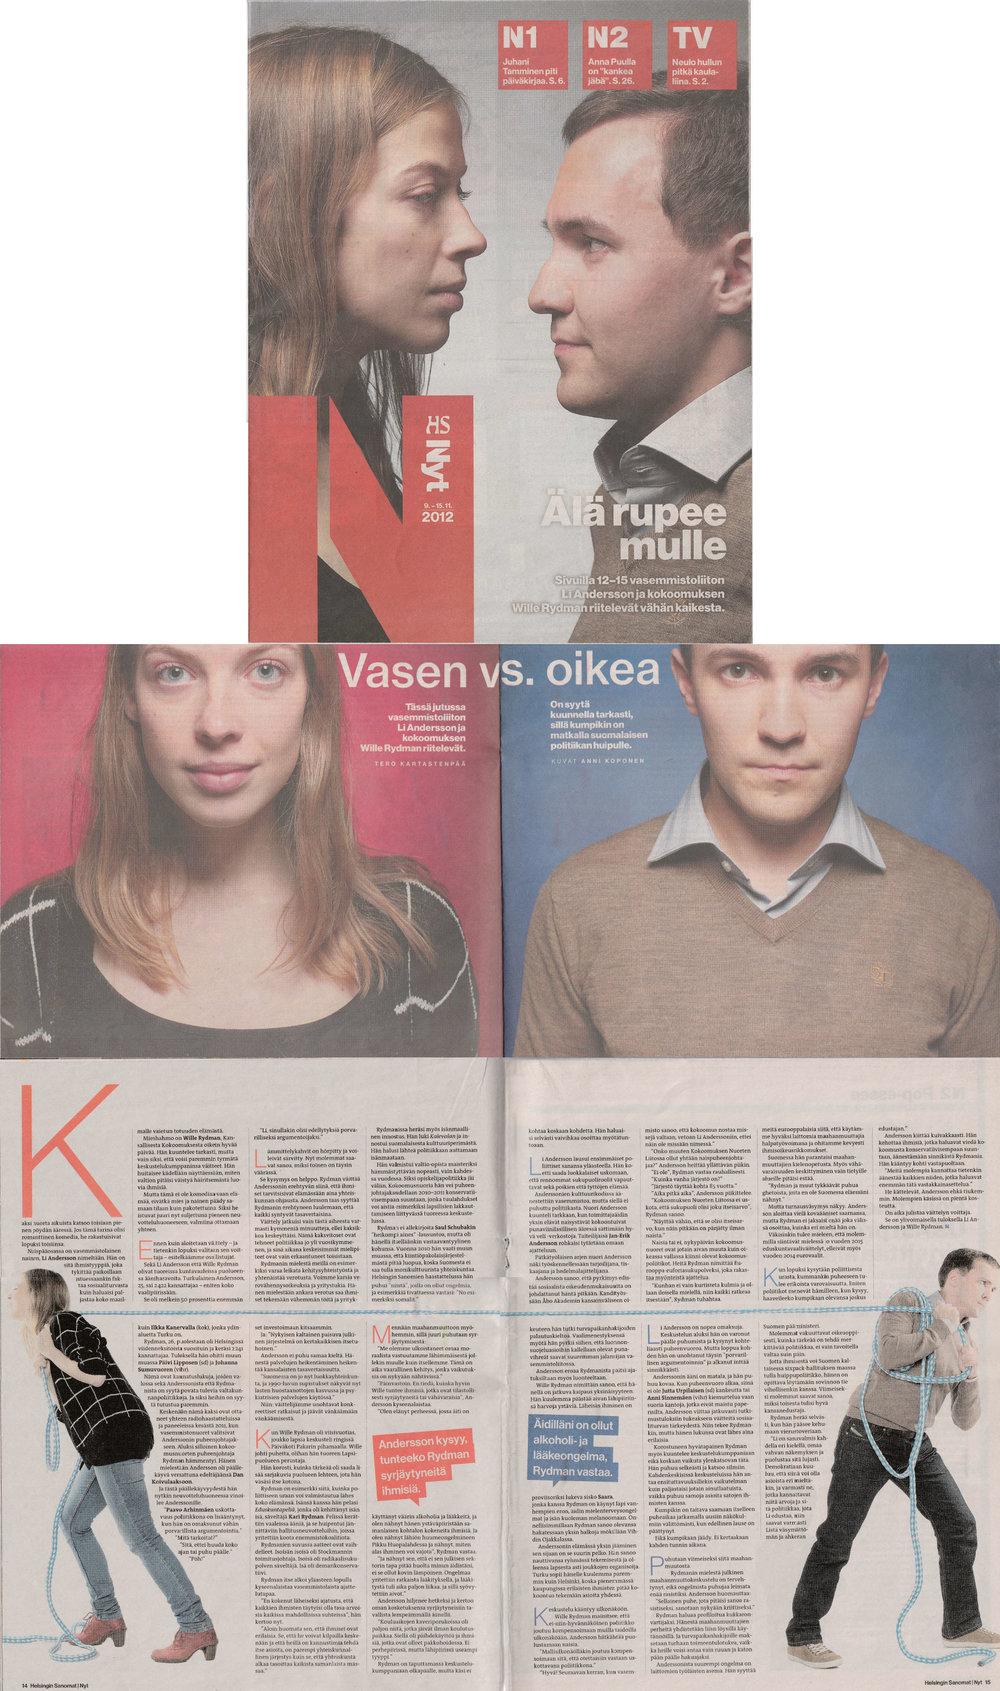 ÄLÄ RUPEE MULLE - NYT-liite / Helsingin Sanomat 09.11.2012